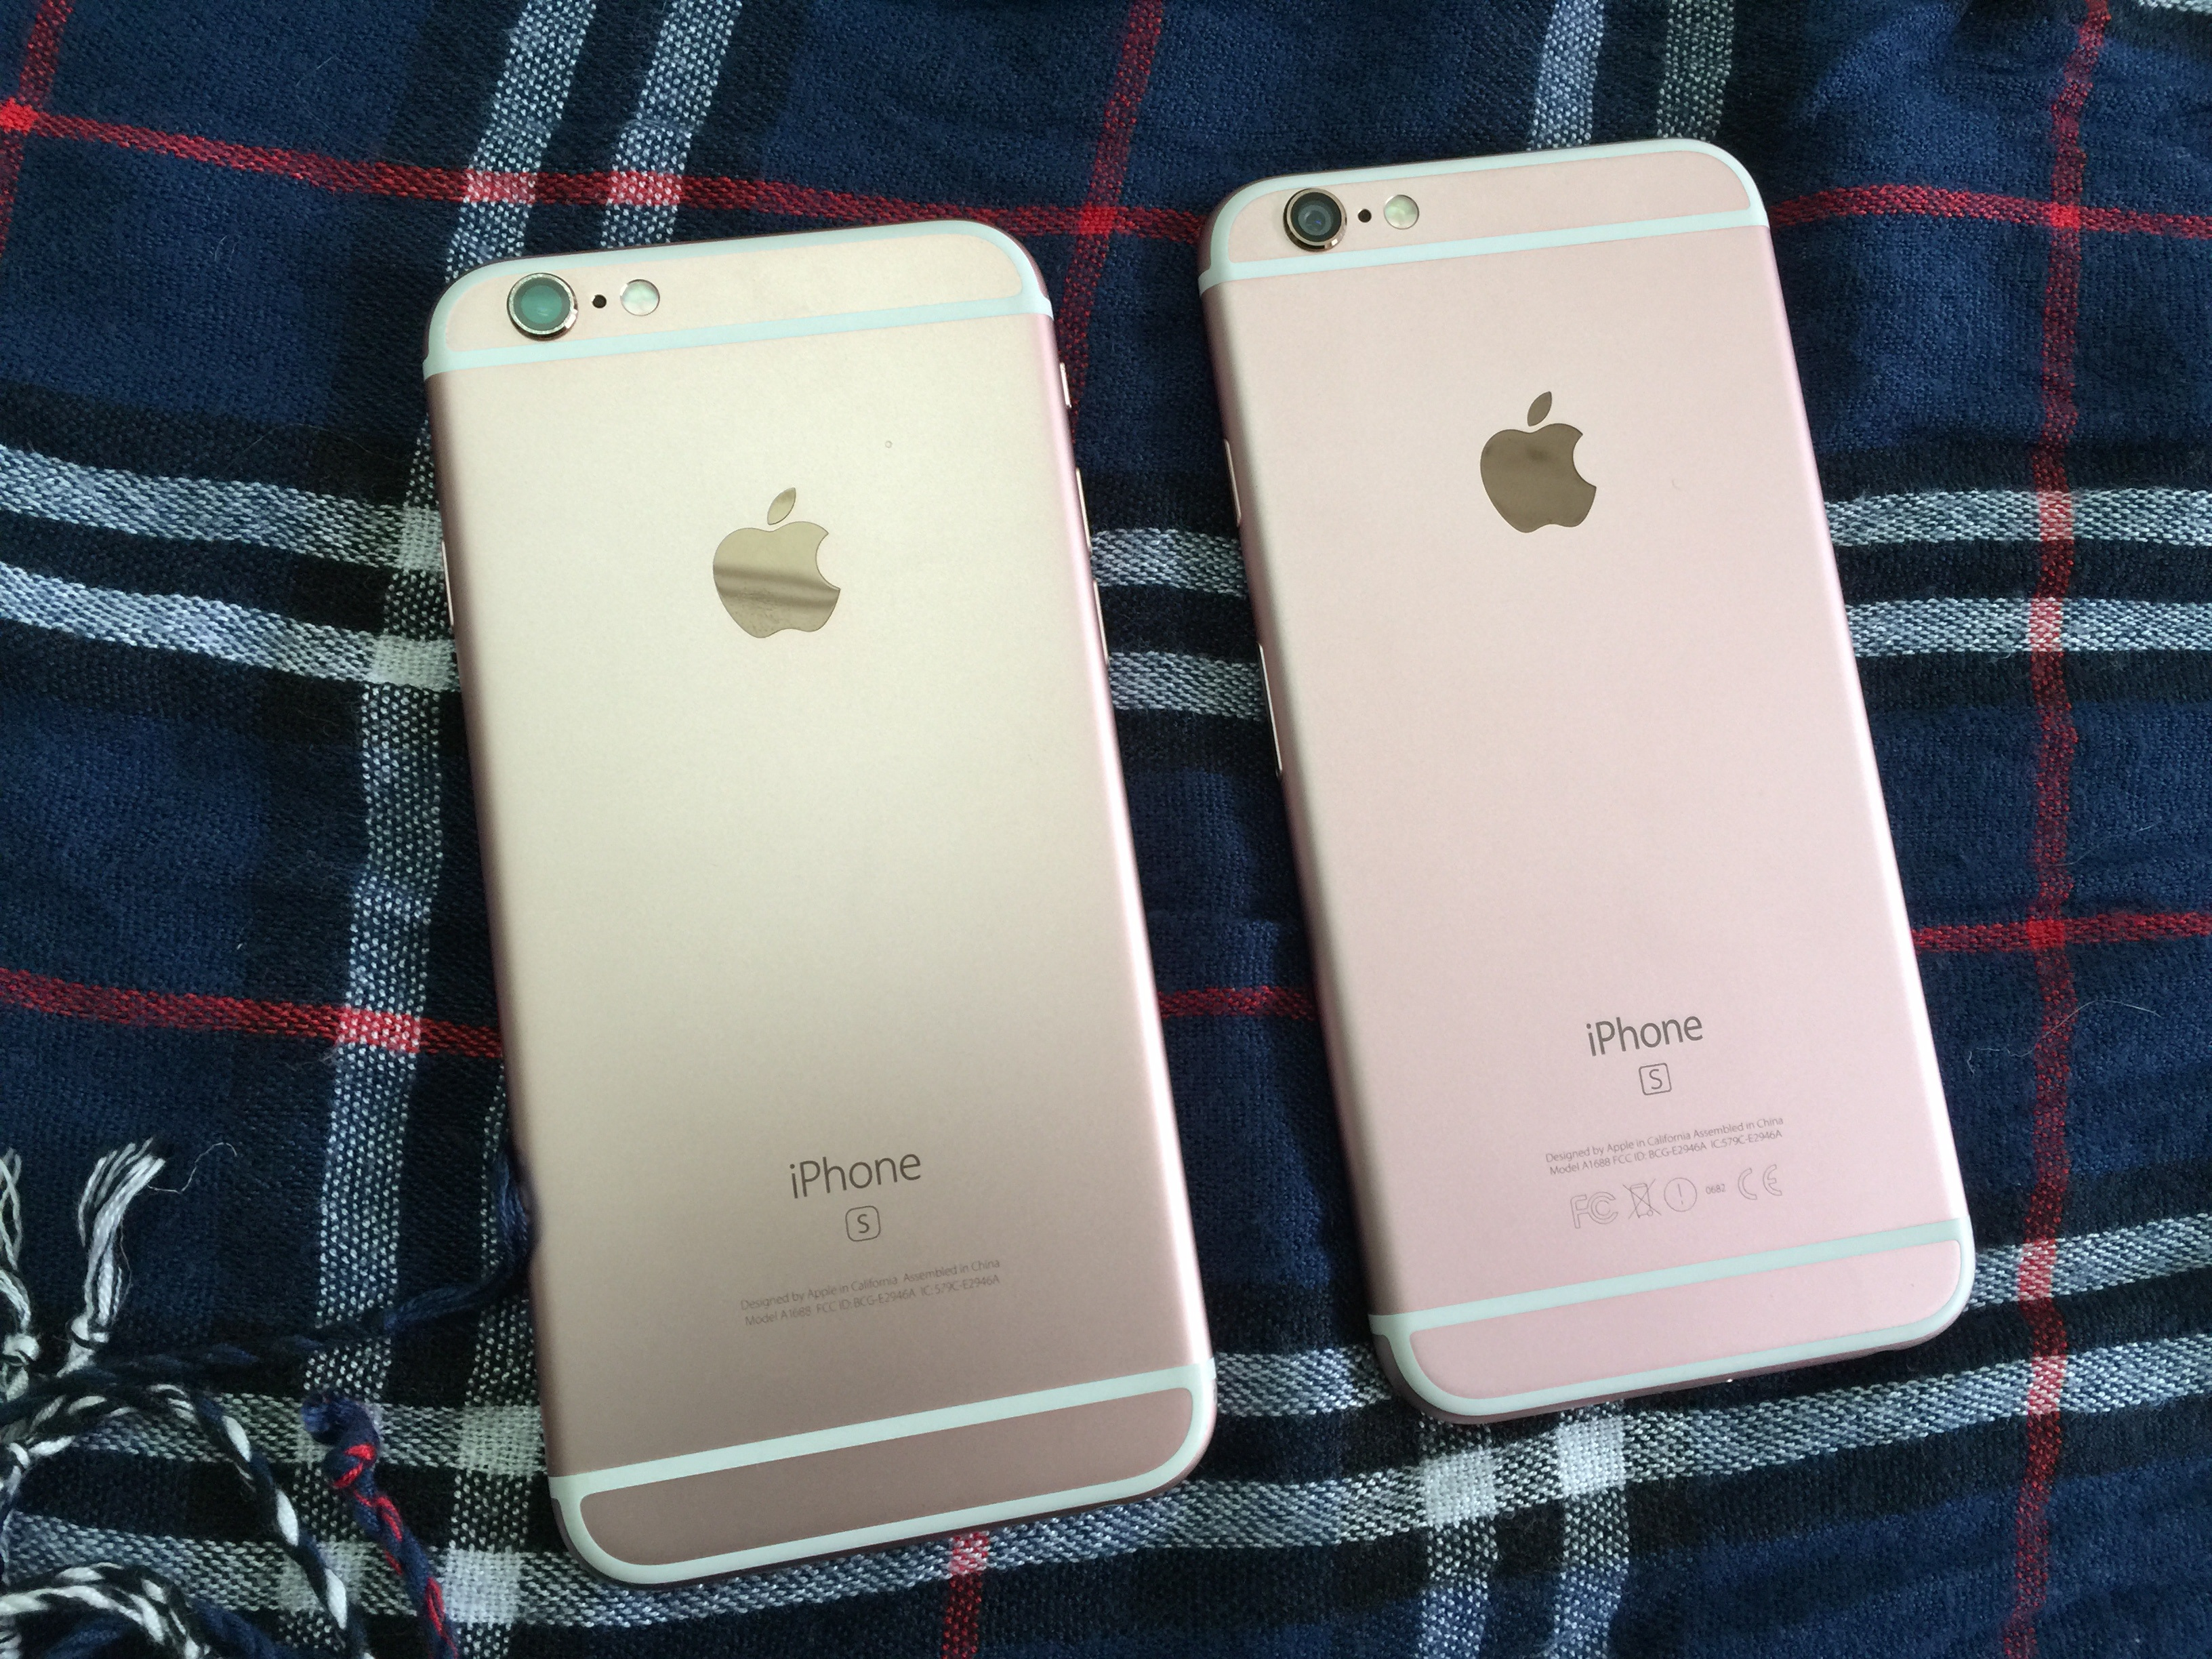 Người tiêu dùng thông thường khó phân biệt iPhone 6 và iPhone 6s.